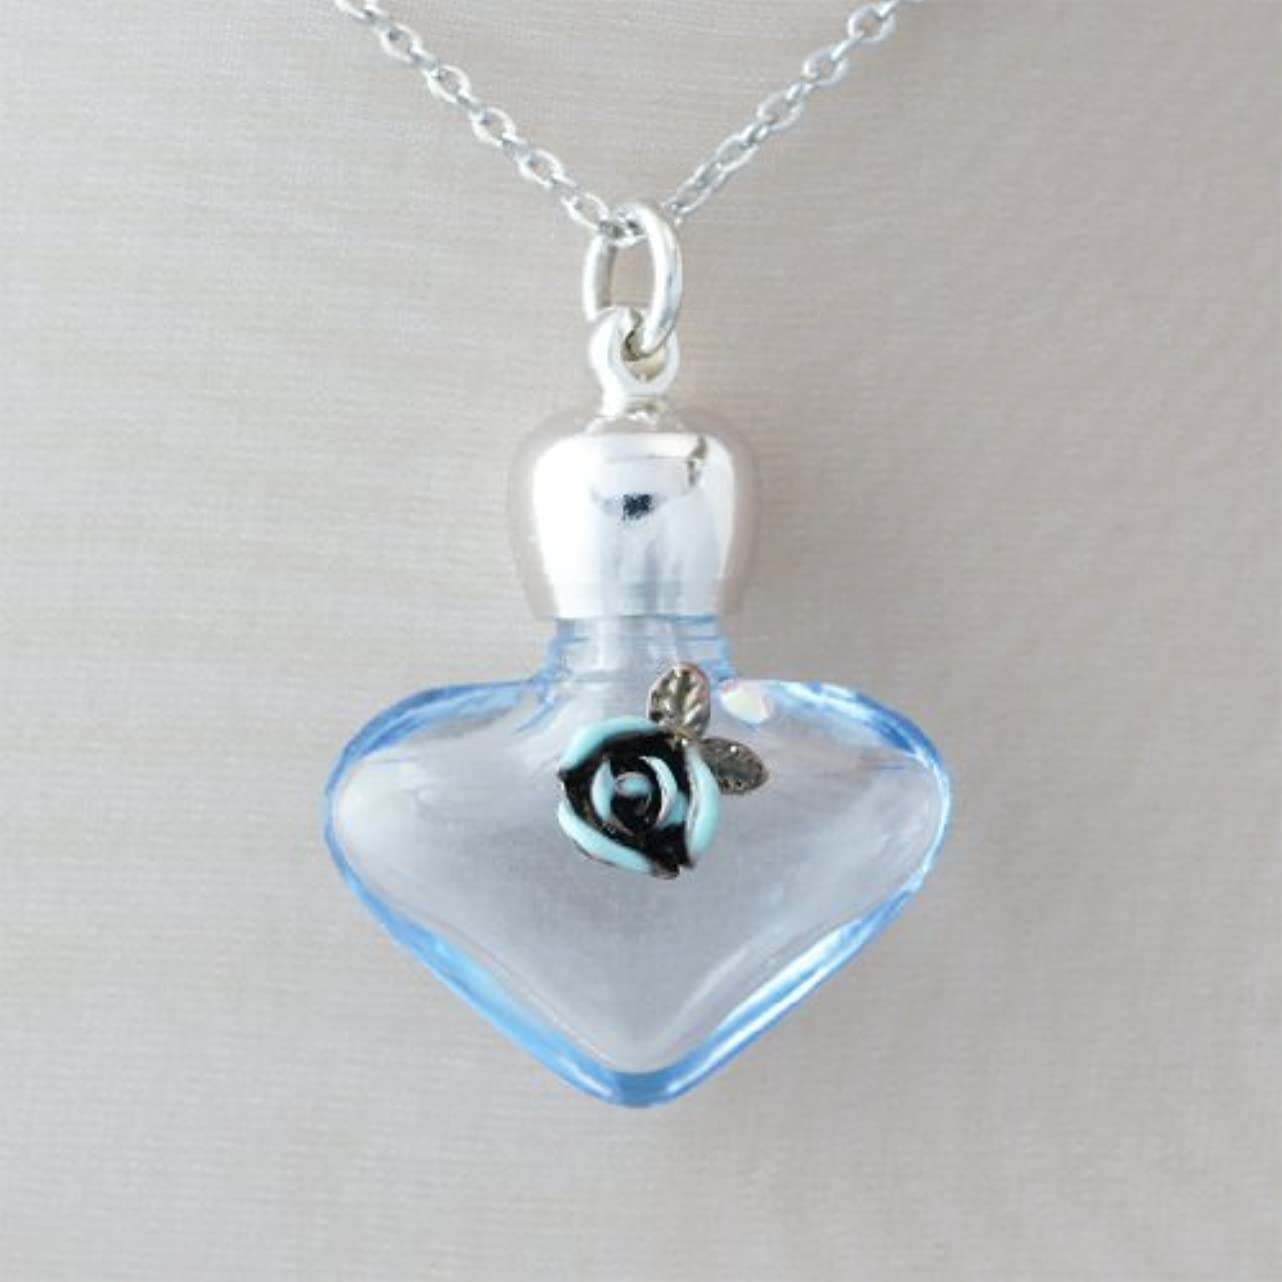 ディプロマ代表するよろめく【天使の小瓶】 ハートローズ (ブルー)